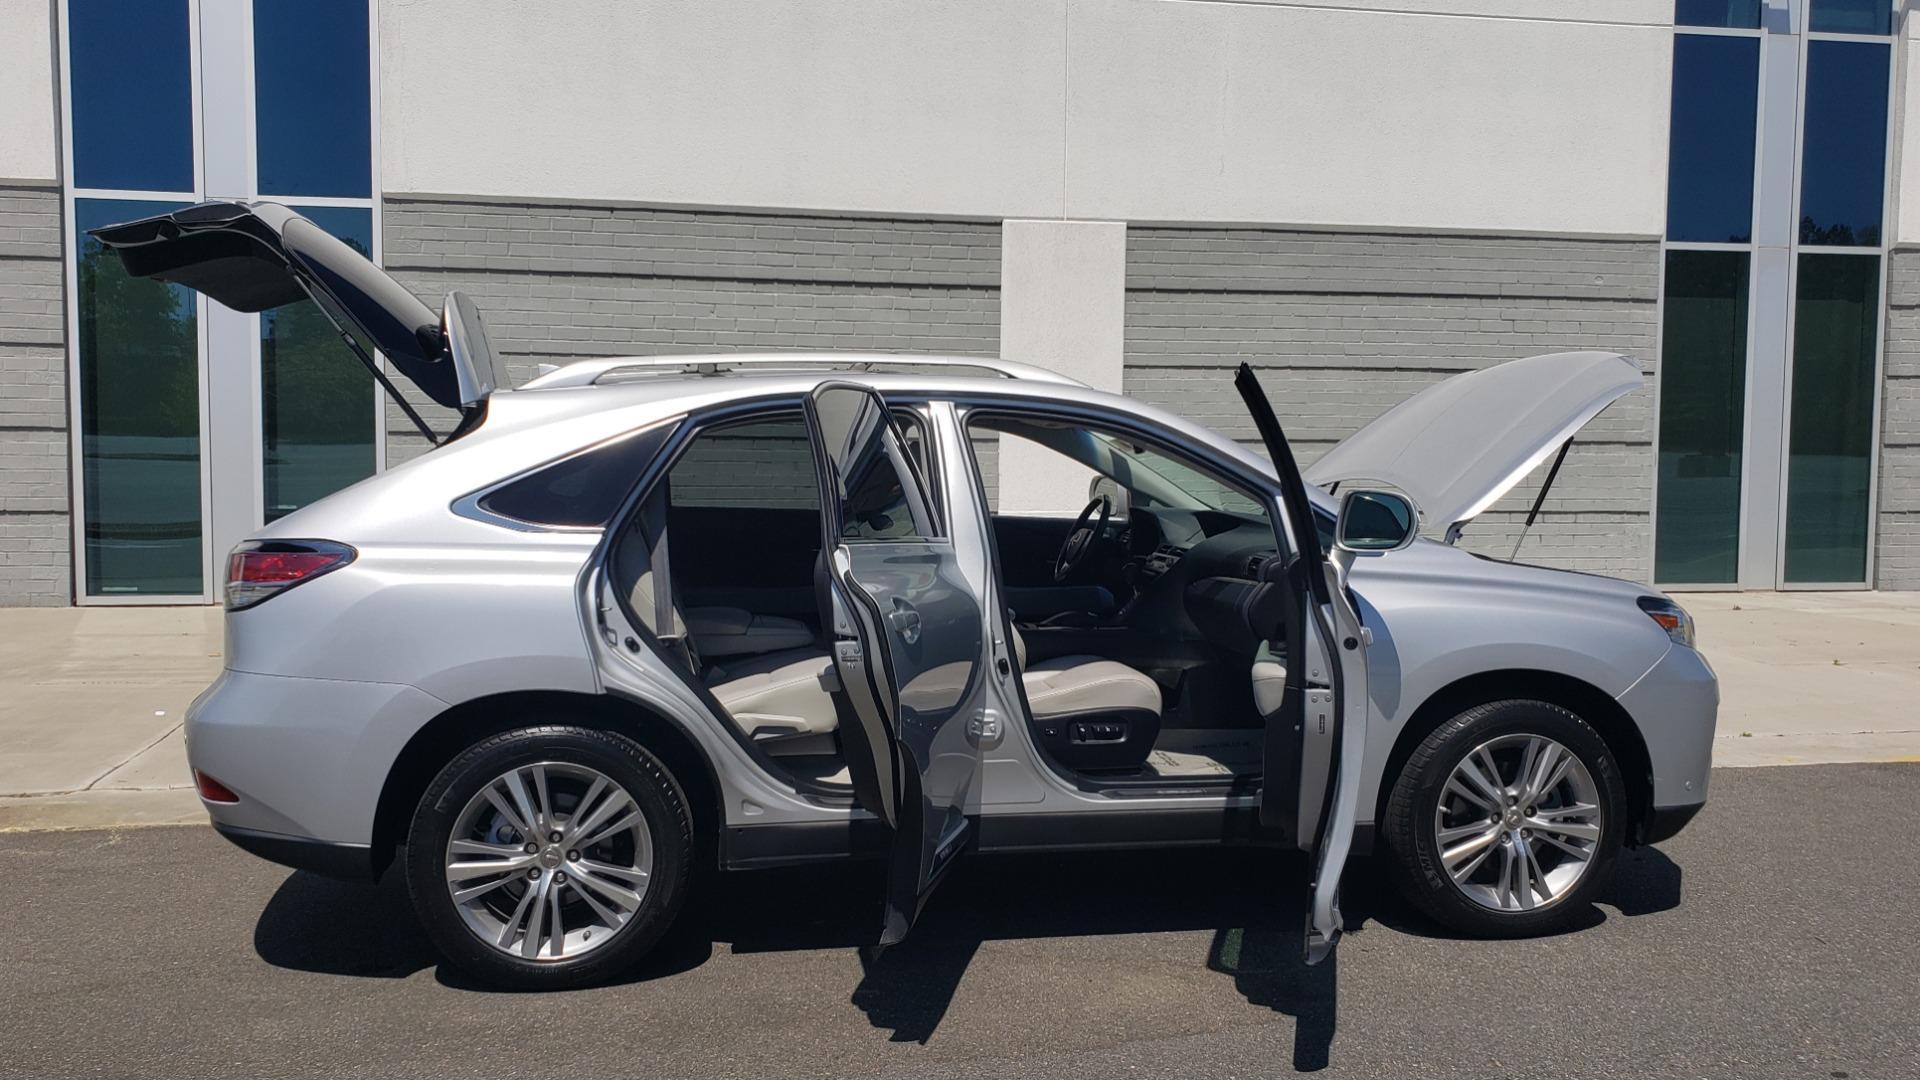 Used 2015 Lexus RX 450H AWD / PREM PKG / NAV / PARK ASST / HUD / BLIND SPOT MONITOR for sale Sold at Formula Imports in Charlotte NC 28227 12